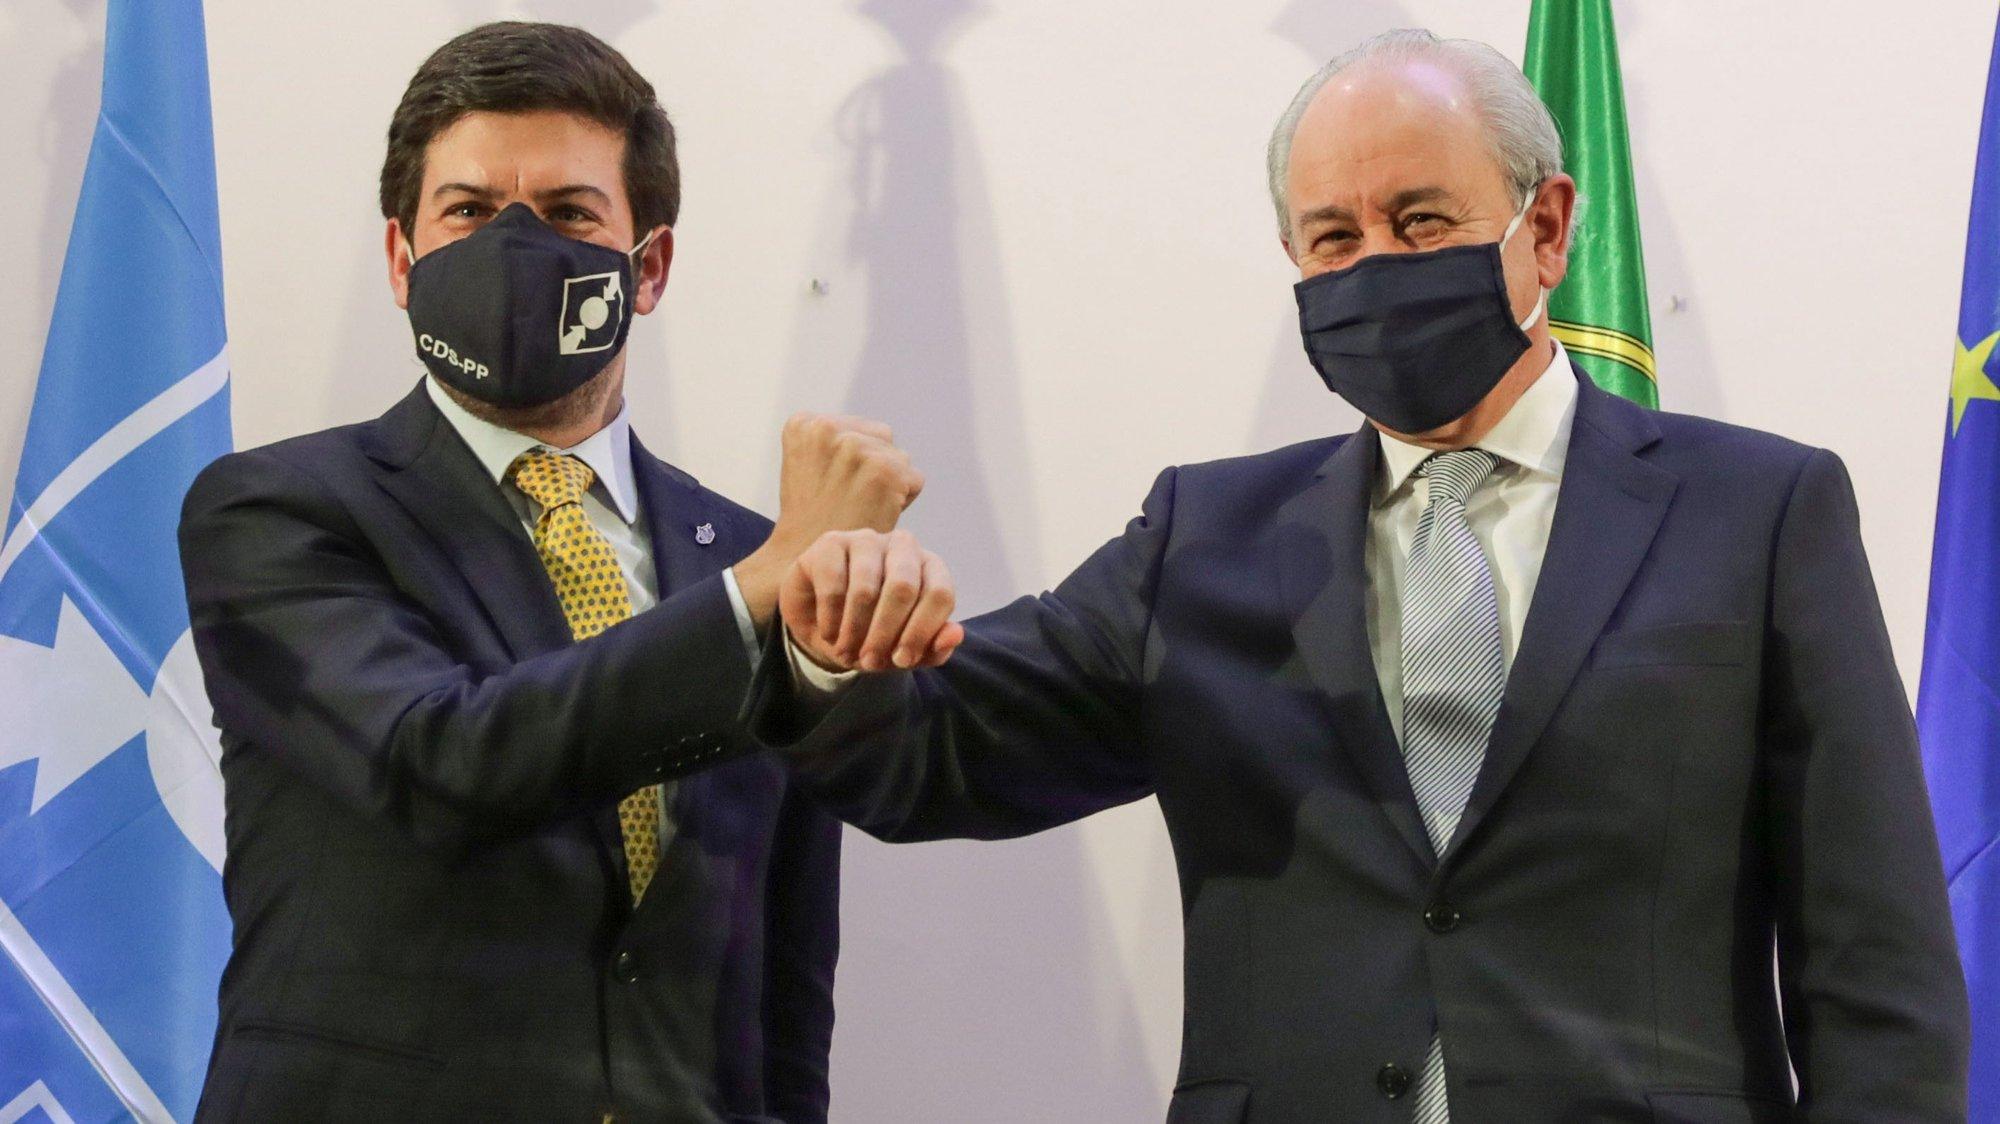 O Presidente do Partido Social-Democrata (PSD) Rui Rio (R) e o Presidente do CDS/PP, Francisco Rodrigues dos Santos (E), cumprimentam-se após a assinatura do acordo quadro para as eleições autárquicas, num hotel de Lisboa, 16 de novembro de 2020. TIAGO PETINGA/LUSA